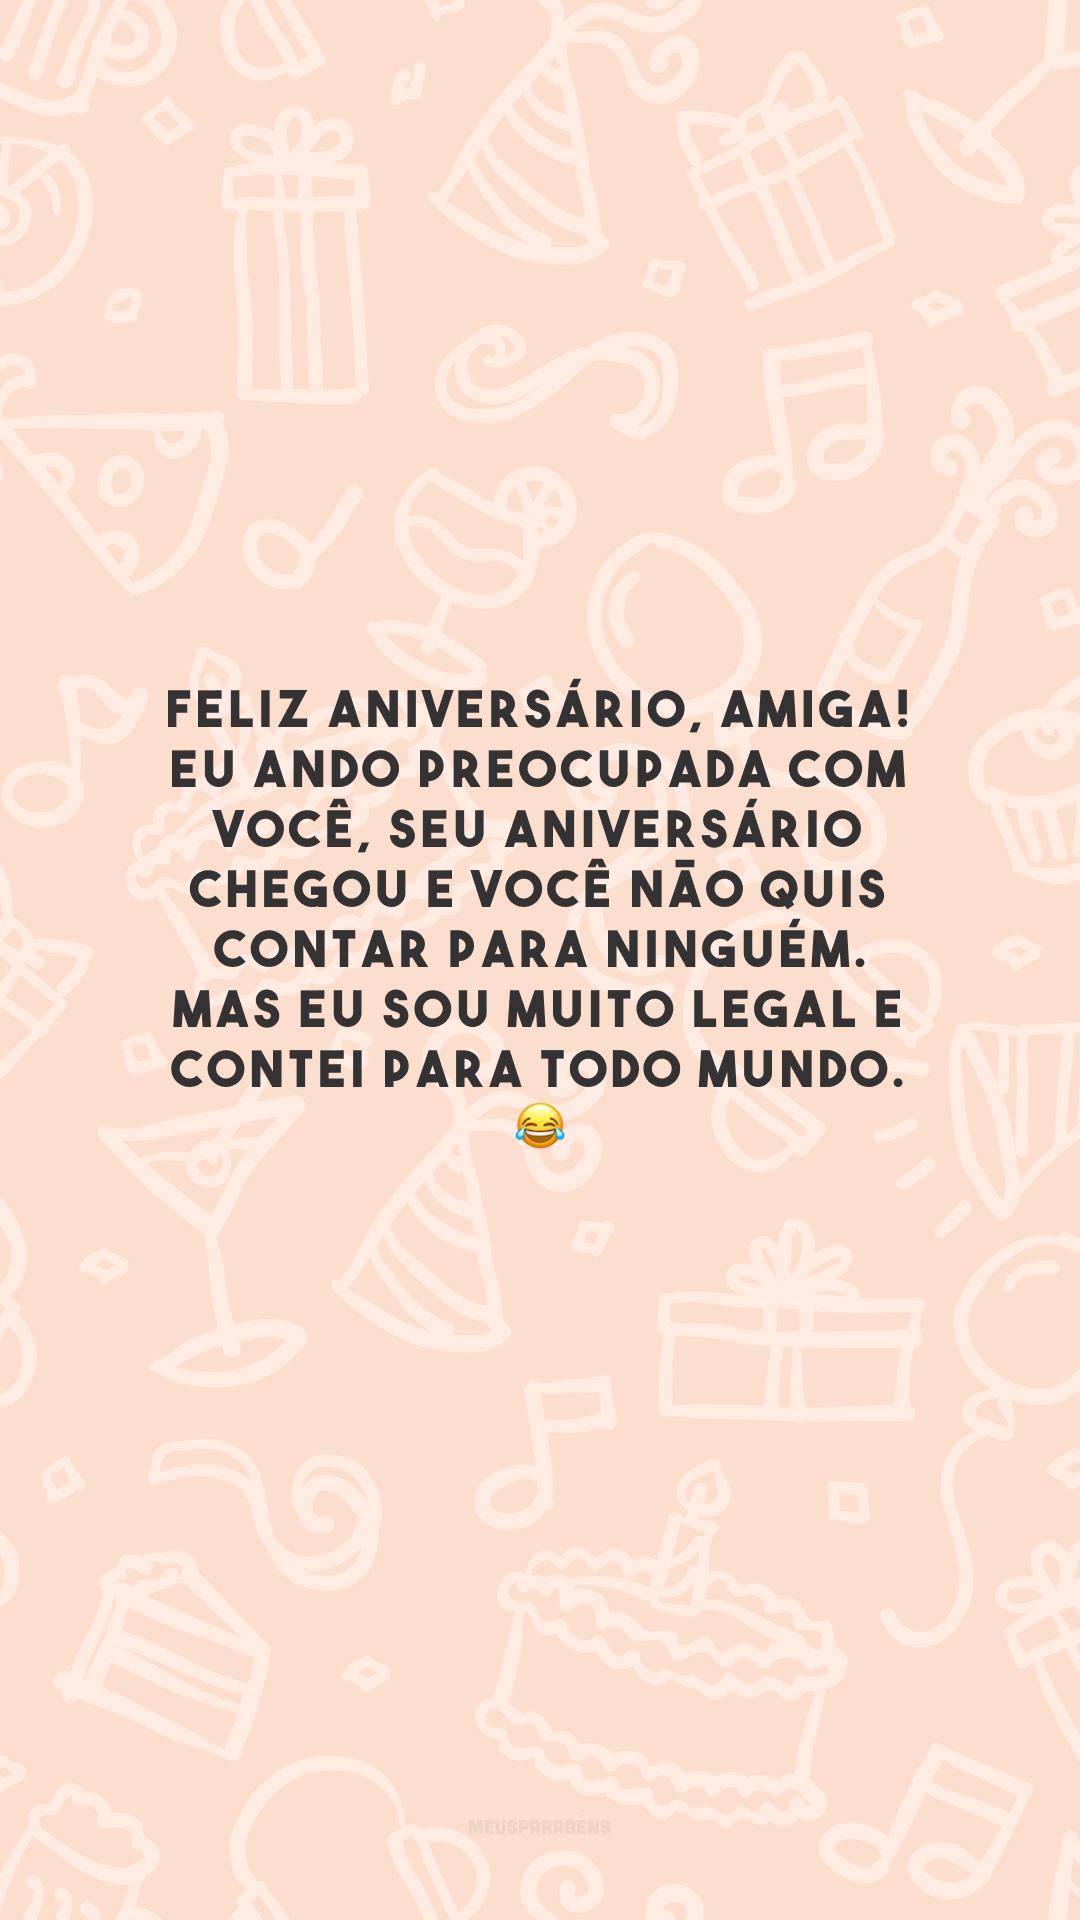 Feliz aniversário, amiga! Eu ando preocupada com você, seu aniversário chegou e você não quis contar para ninguém. Mas eu sou muito legal e contei para todo mundo. 😂